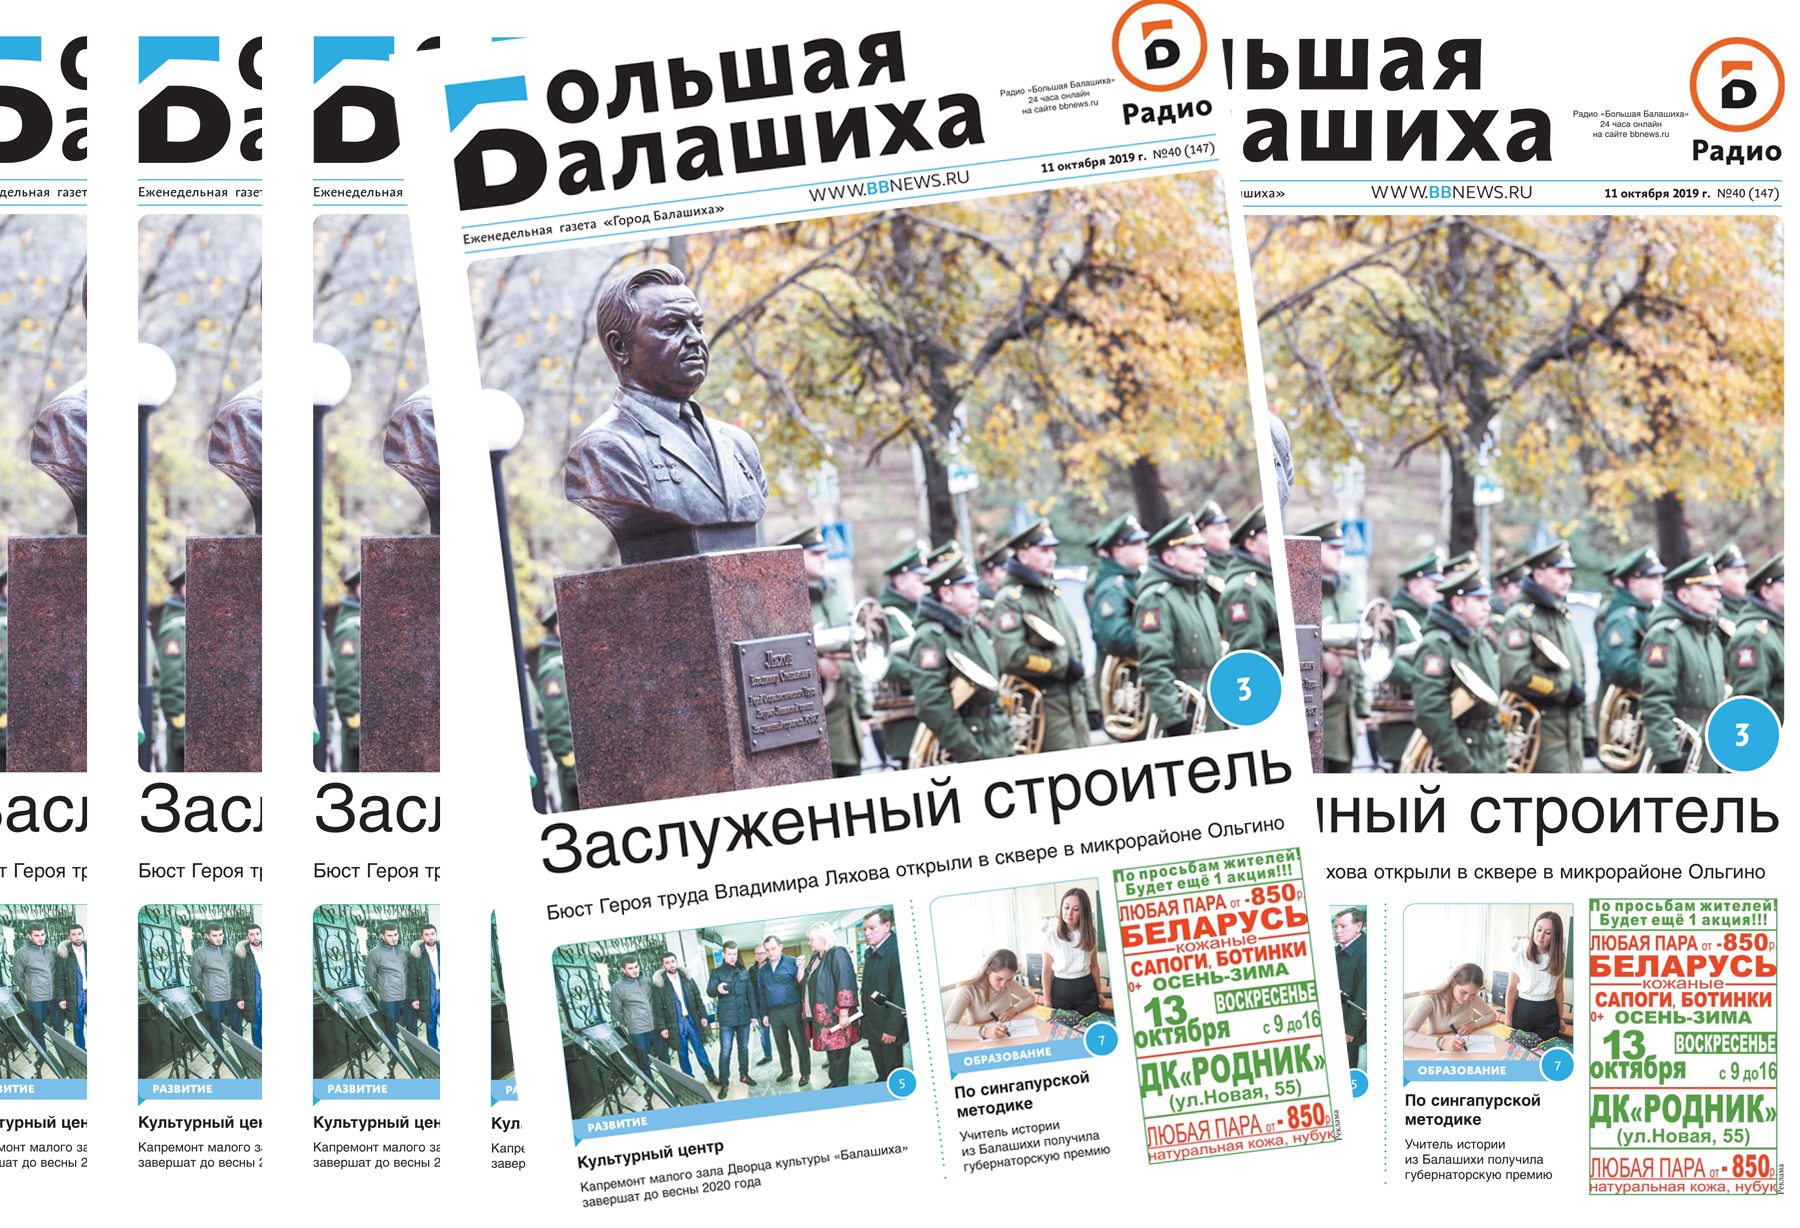 Вышла газета «Город Балашиха» №40 (147)